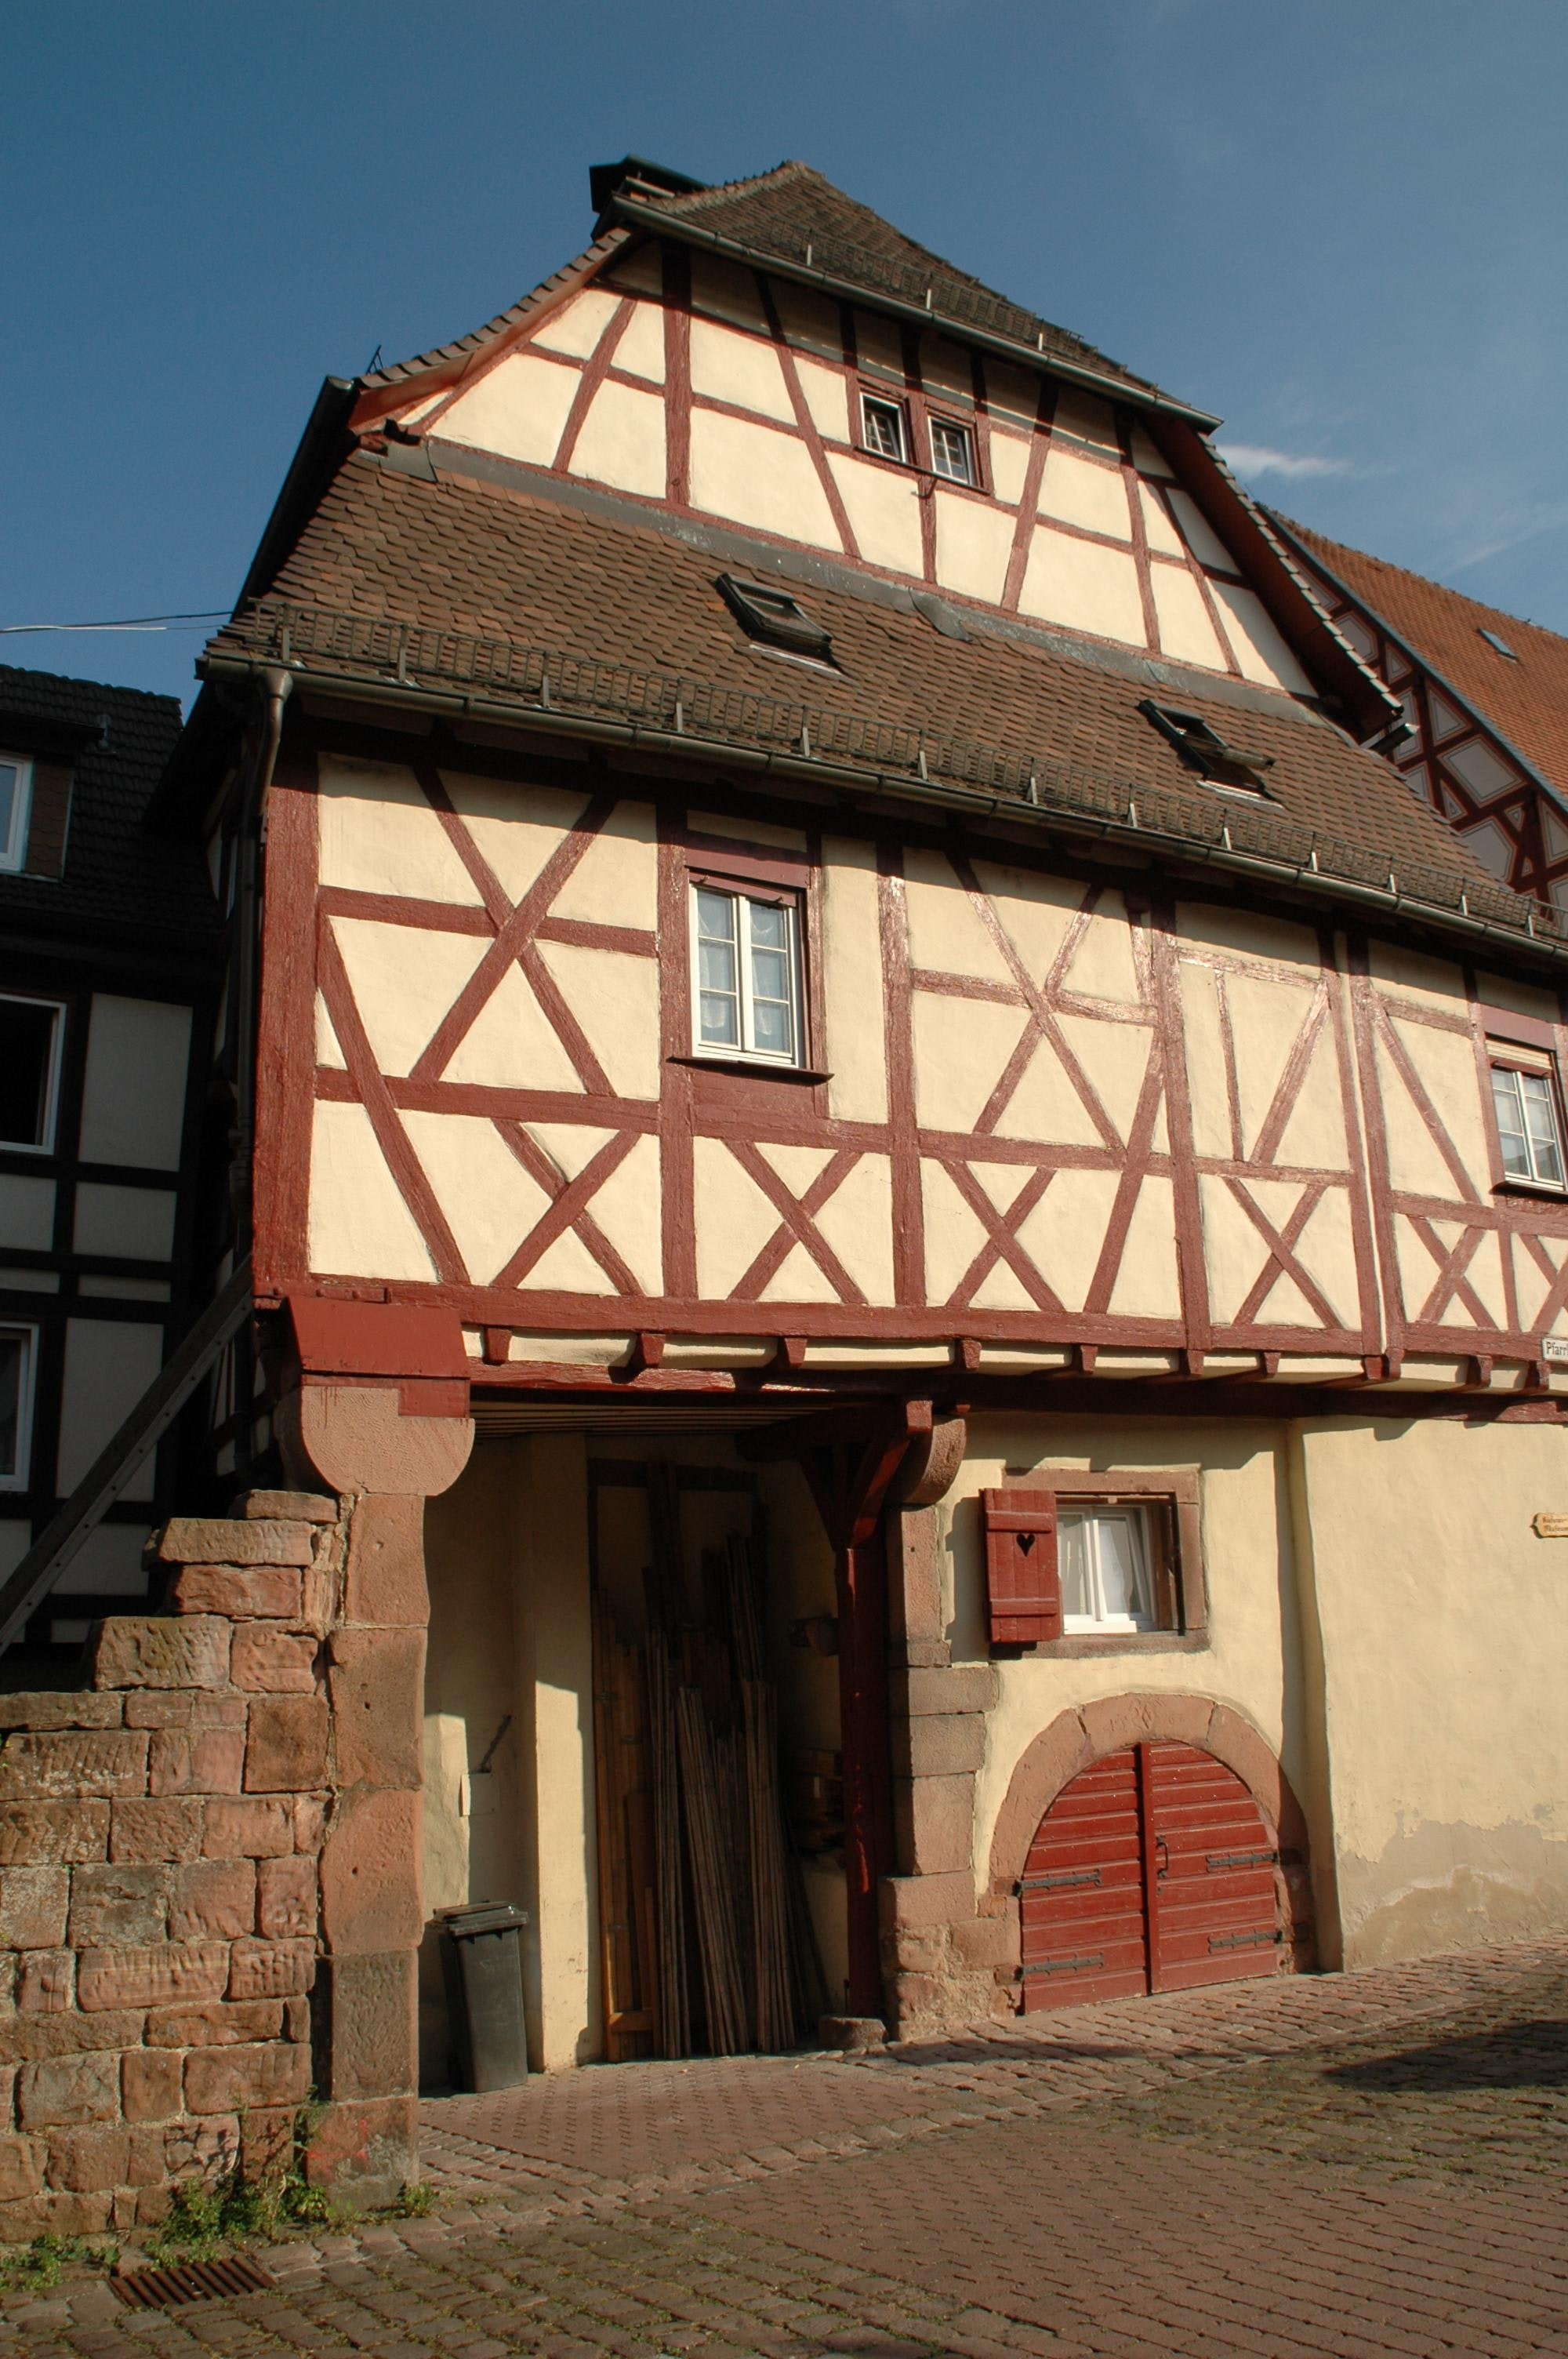 11-daagse wandelvakantie Rheinsteig